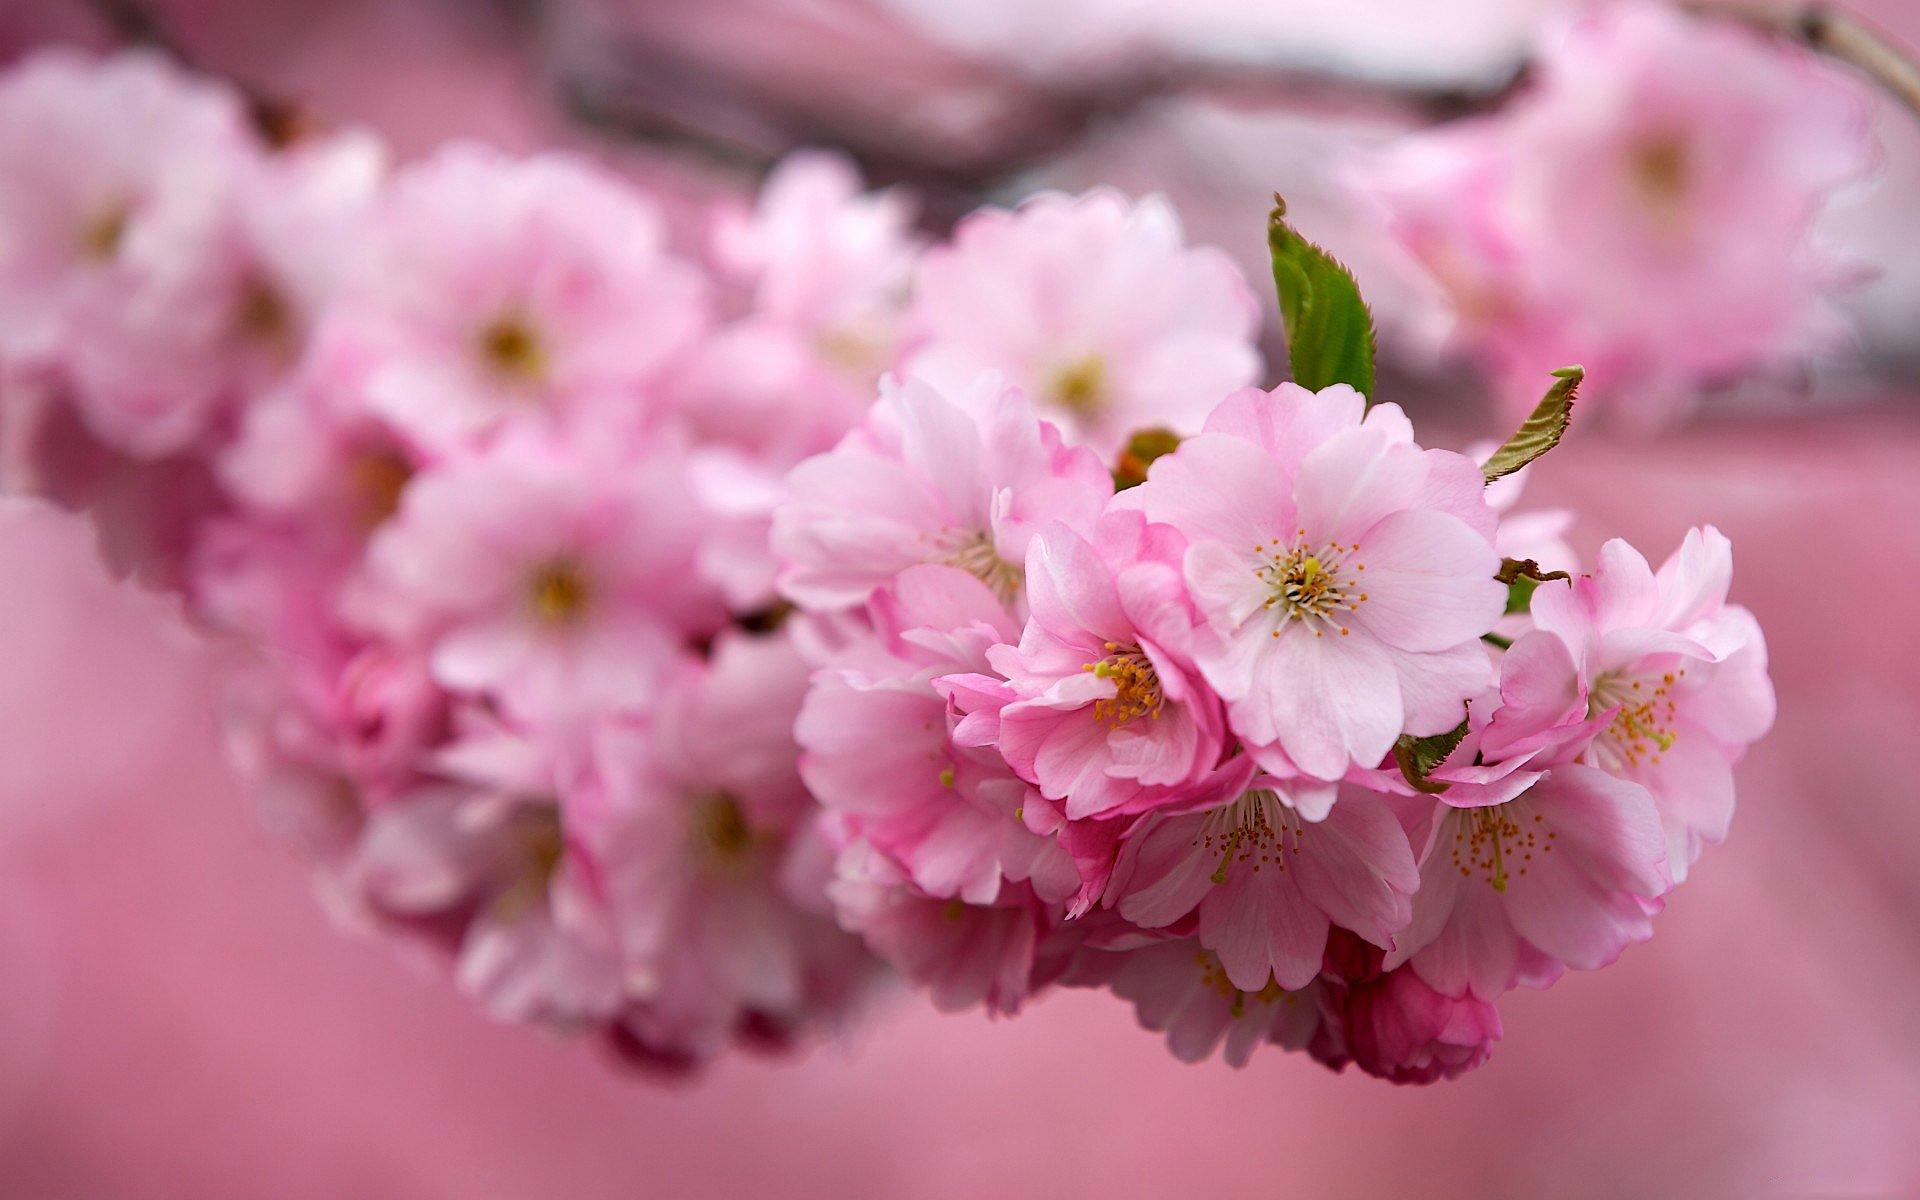 Цветение сакуры фото высокого разрешения - King Sport 68